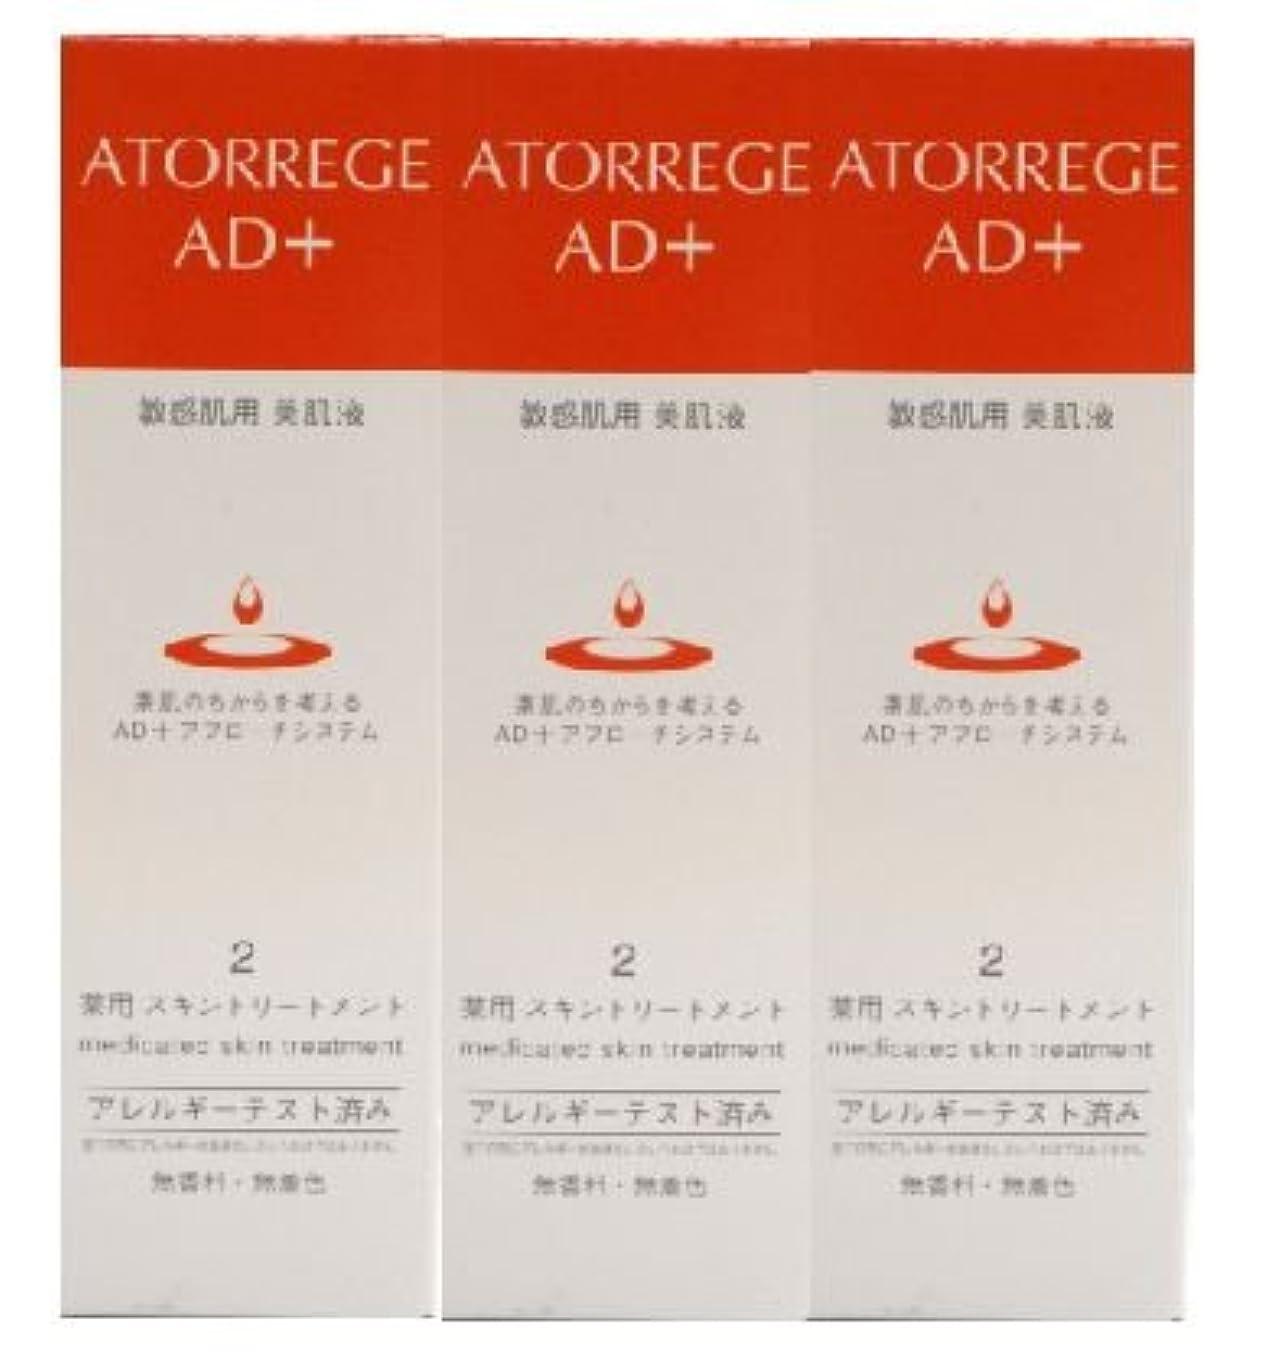 非行思春期の手のひら(お買い得3本セット)アトレージュ AD+薬用スキントリートメント 100ml(敏感肌用化粧水)(医薬部外品)